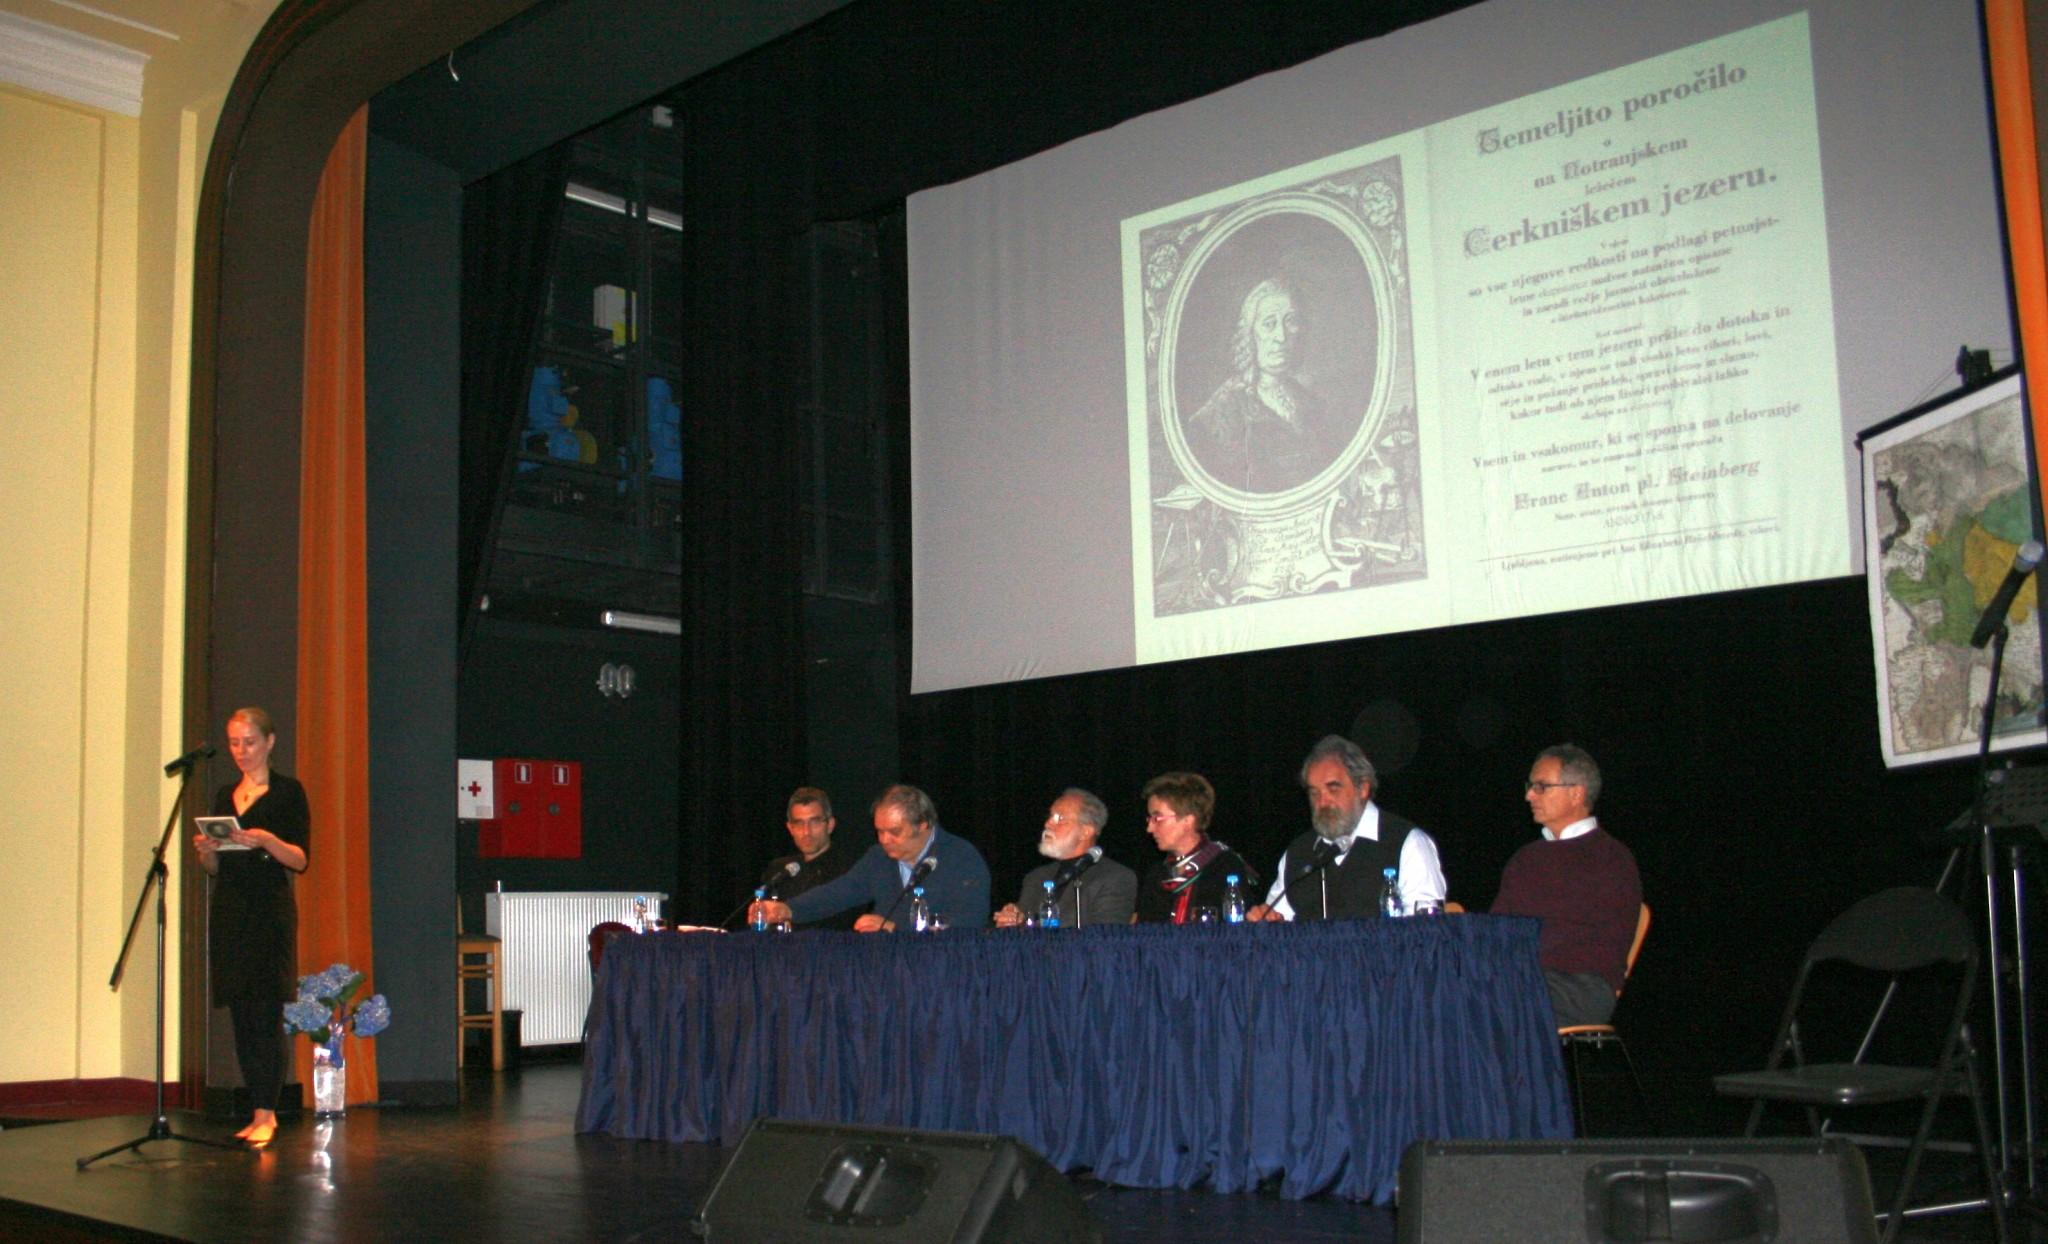 image034 - Predstavitev monografije Franca Antona pl. Steinberga Temeljito poročilo o na Notranjskem ležečem Cerkniškem jezeru